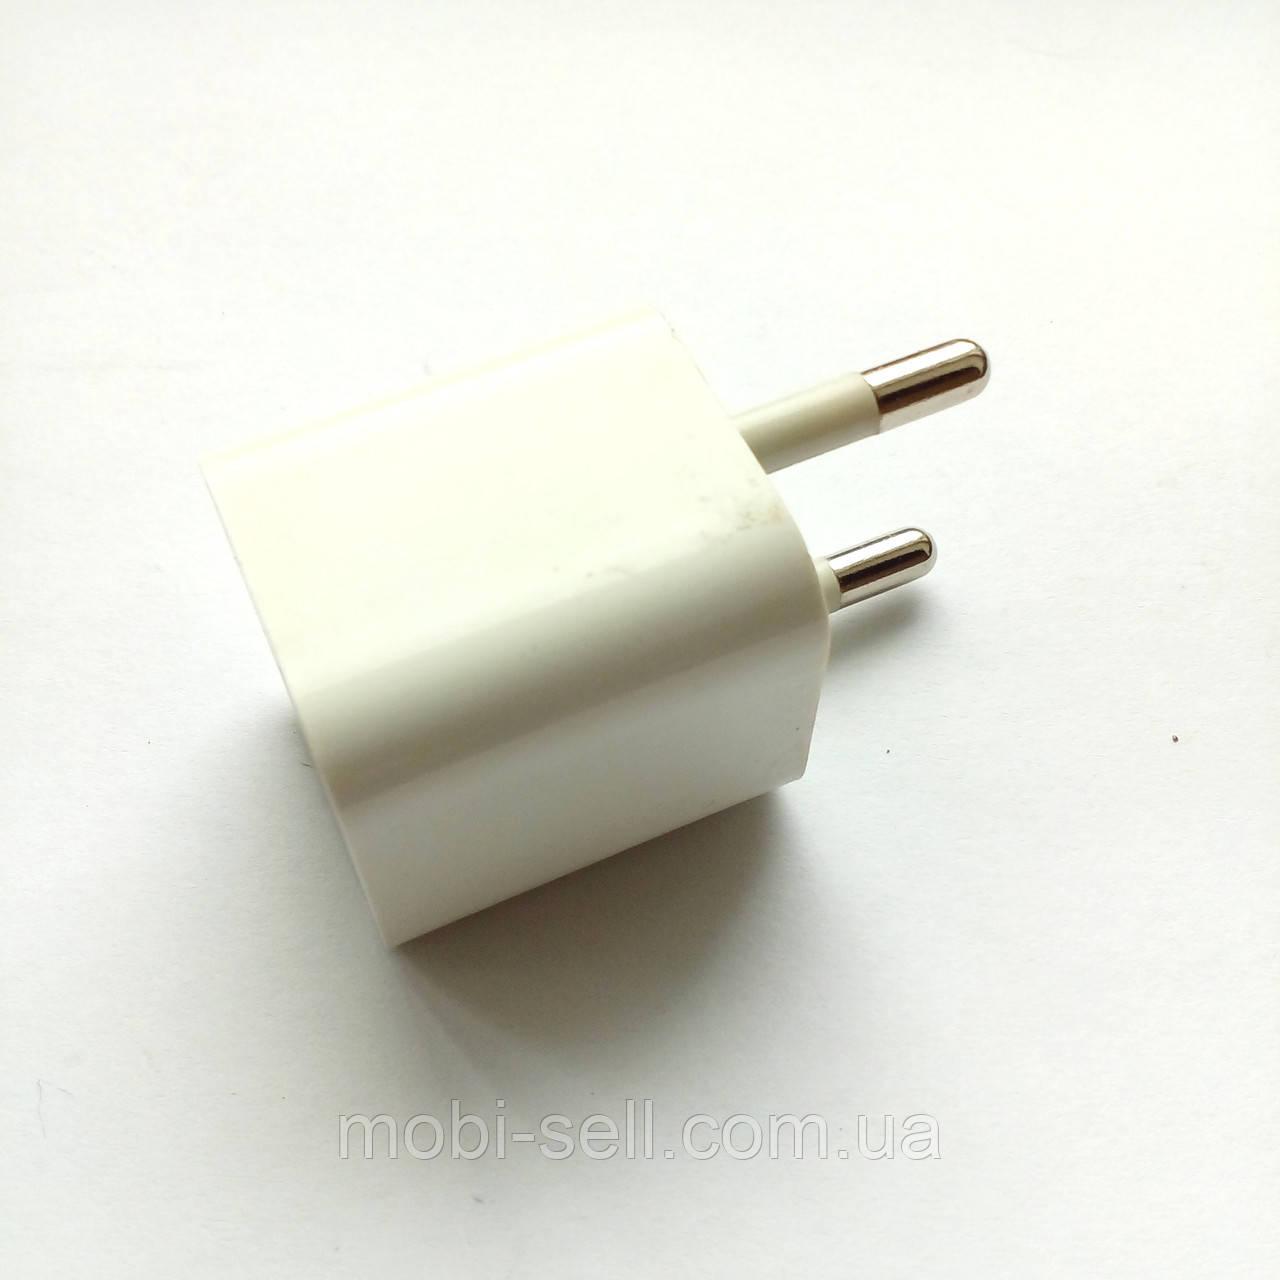 Зарядное устройство 5V / 0.5A / USB универсальное (Китай)